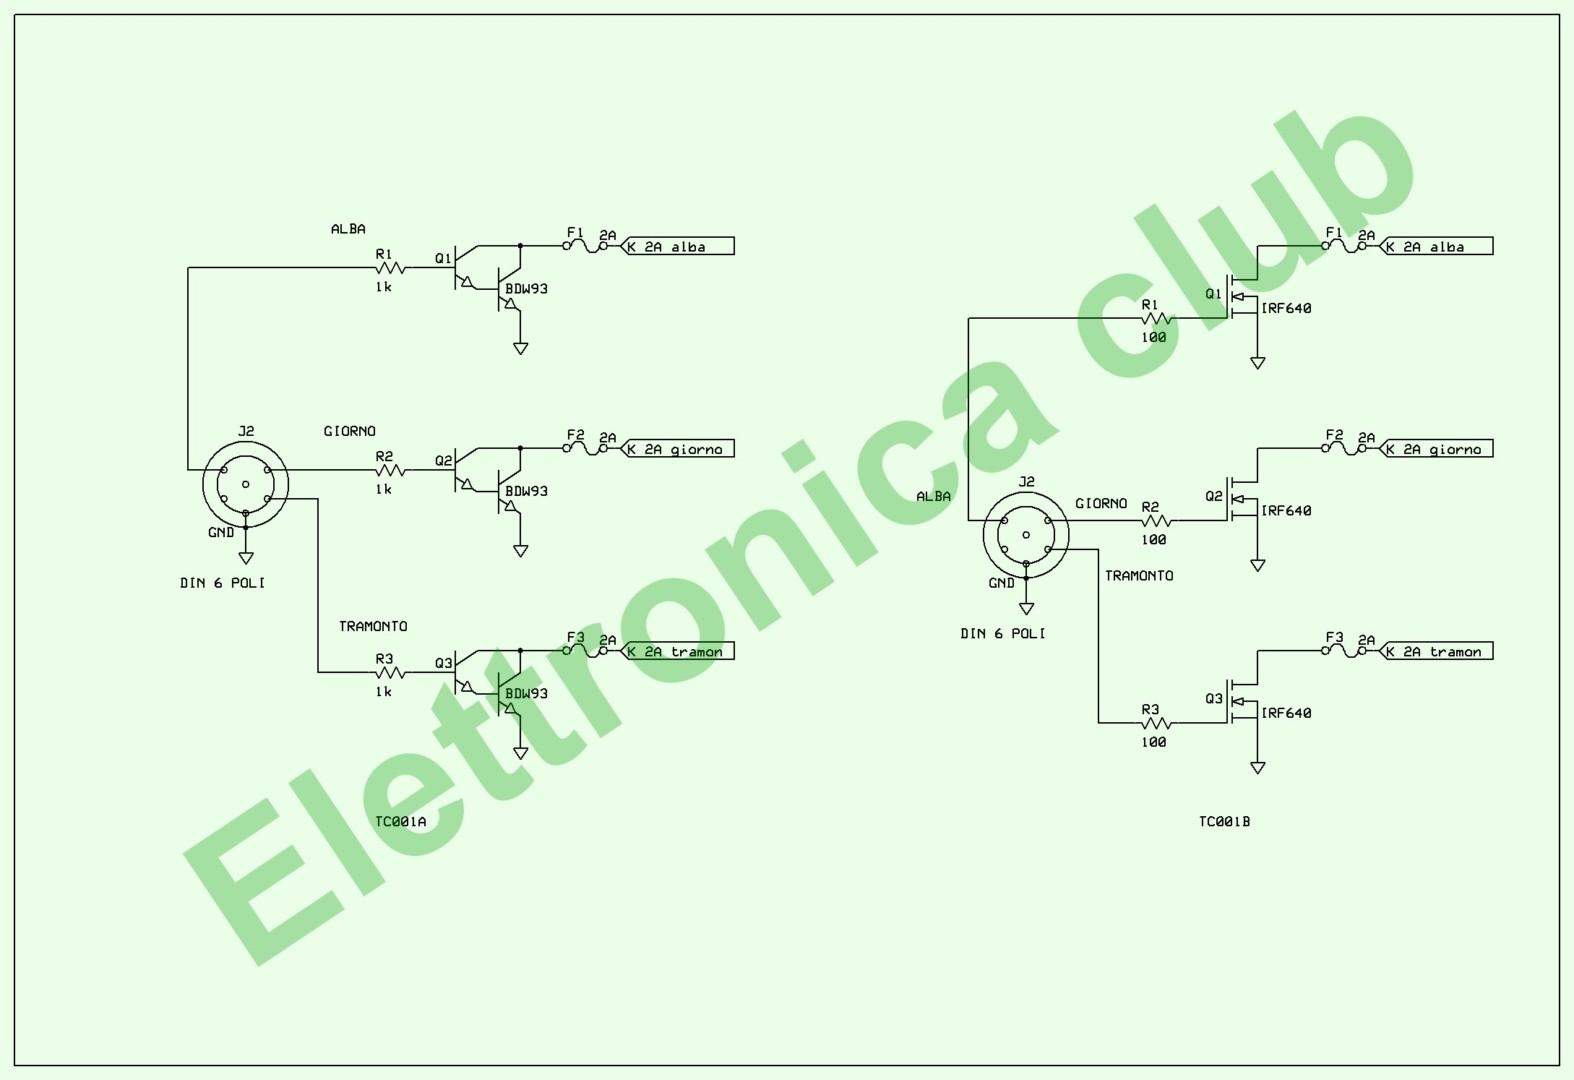 Schema Elettrico Lampada : Tl001 periferica per lampade 12 e 24v per tc001 elettronica club